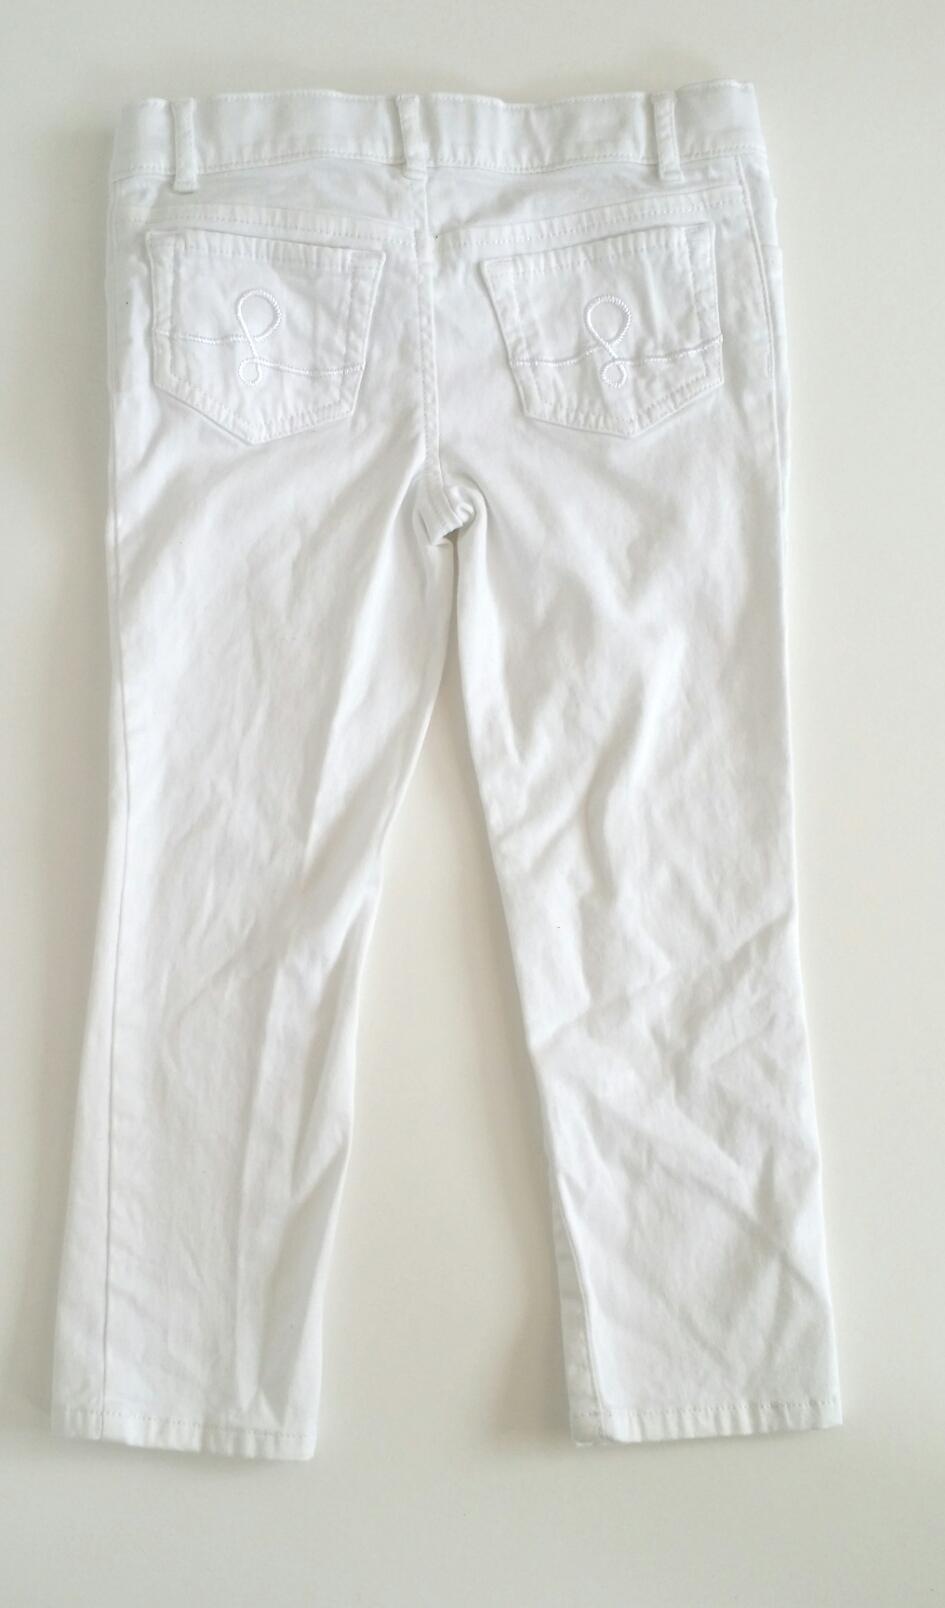 Lilly-Putitzer-4-YEARS-Straight-Leg-Pants_2069309C.jpg